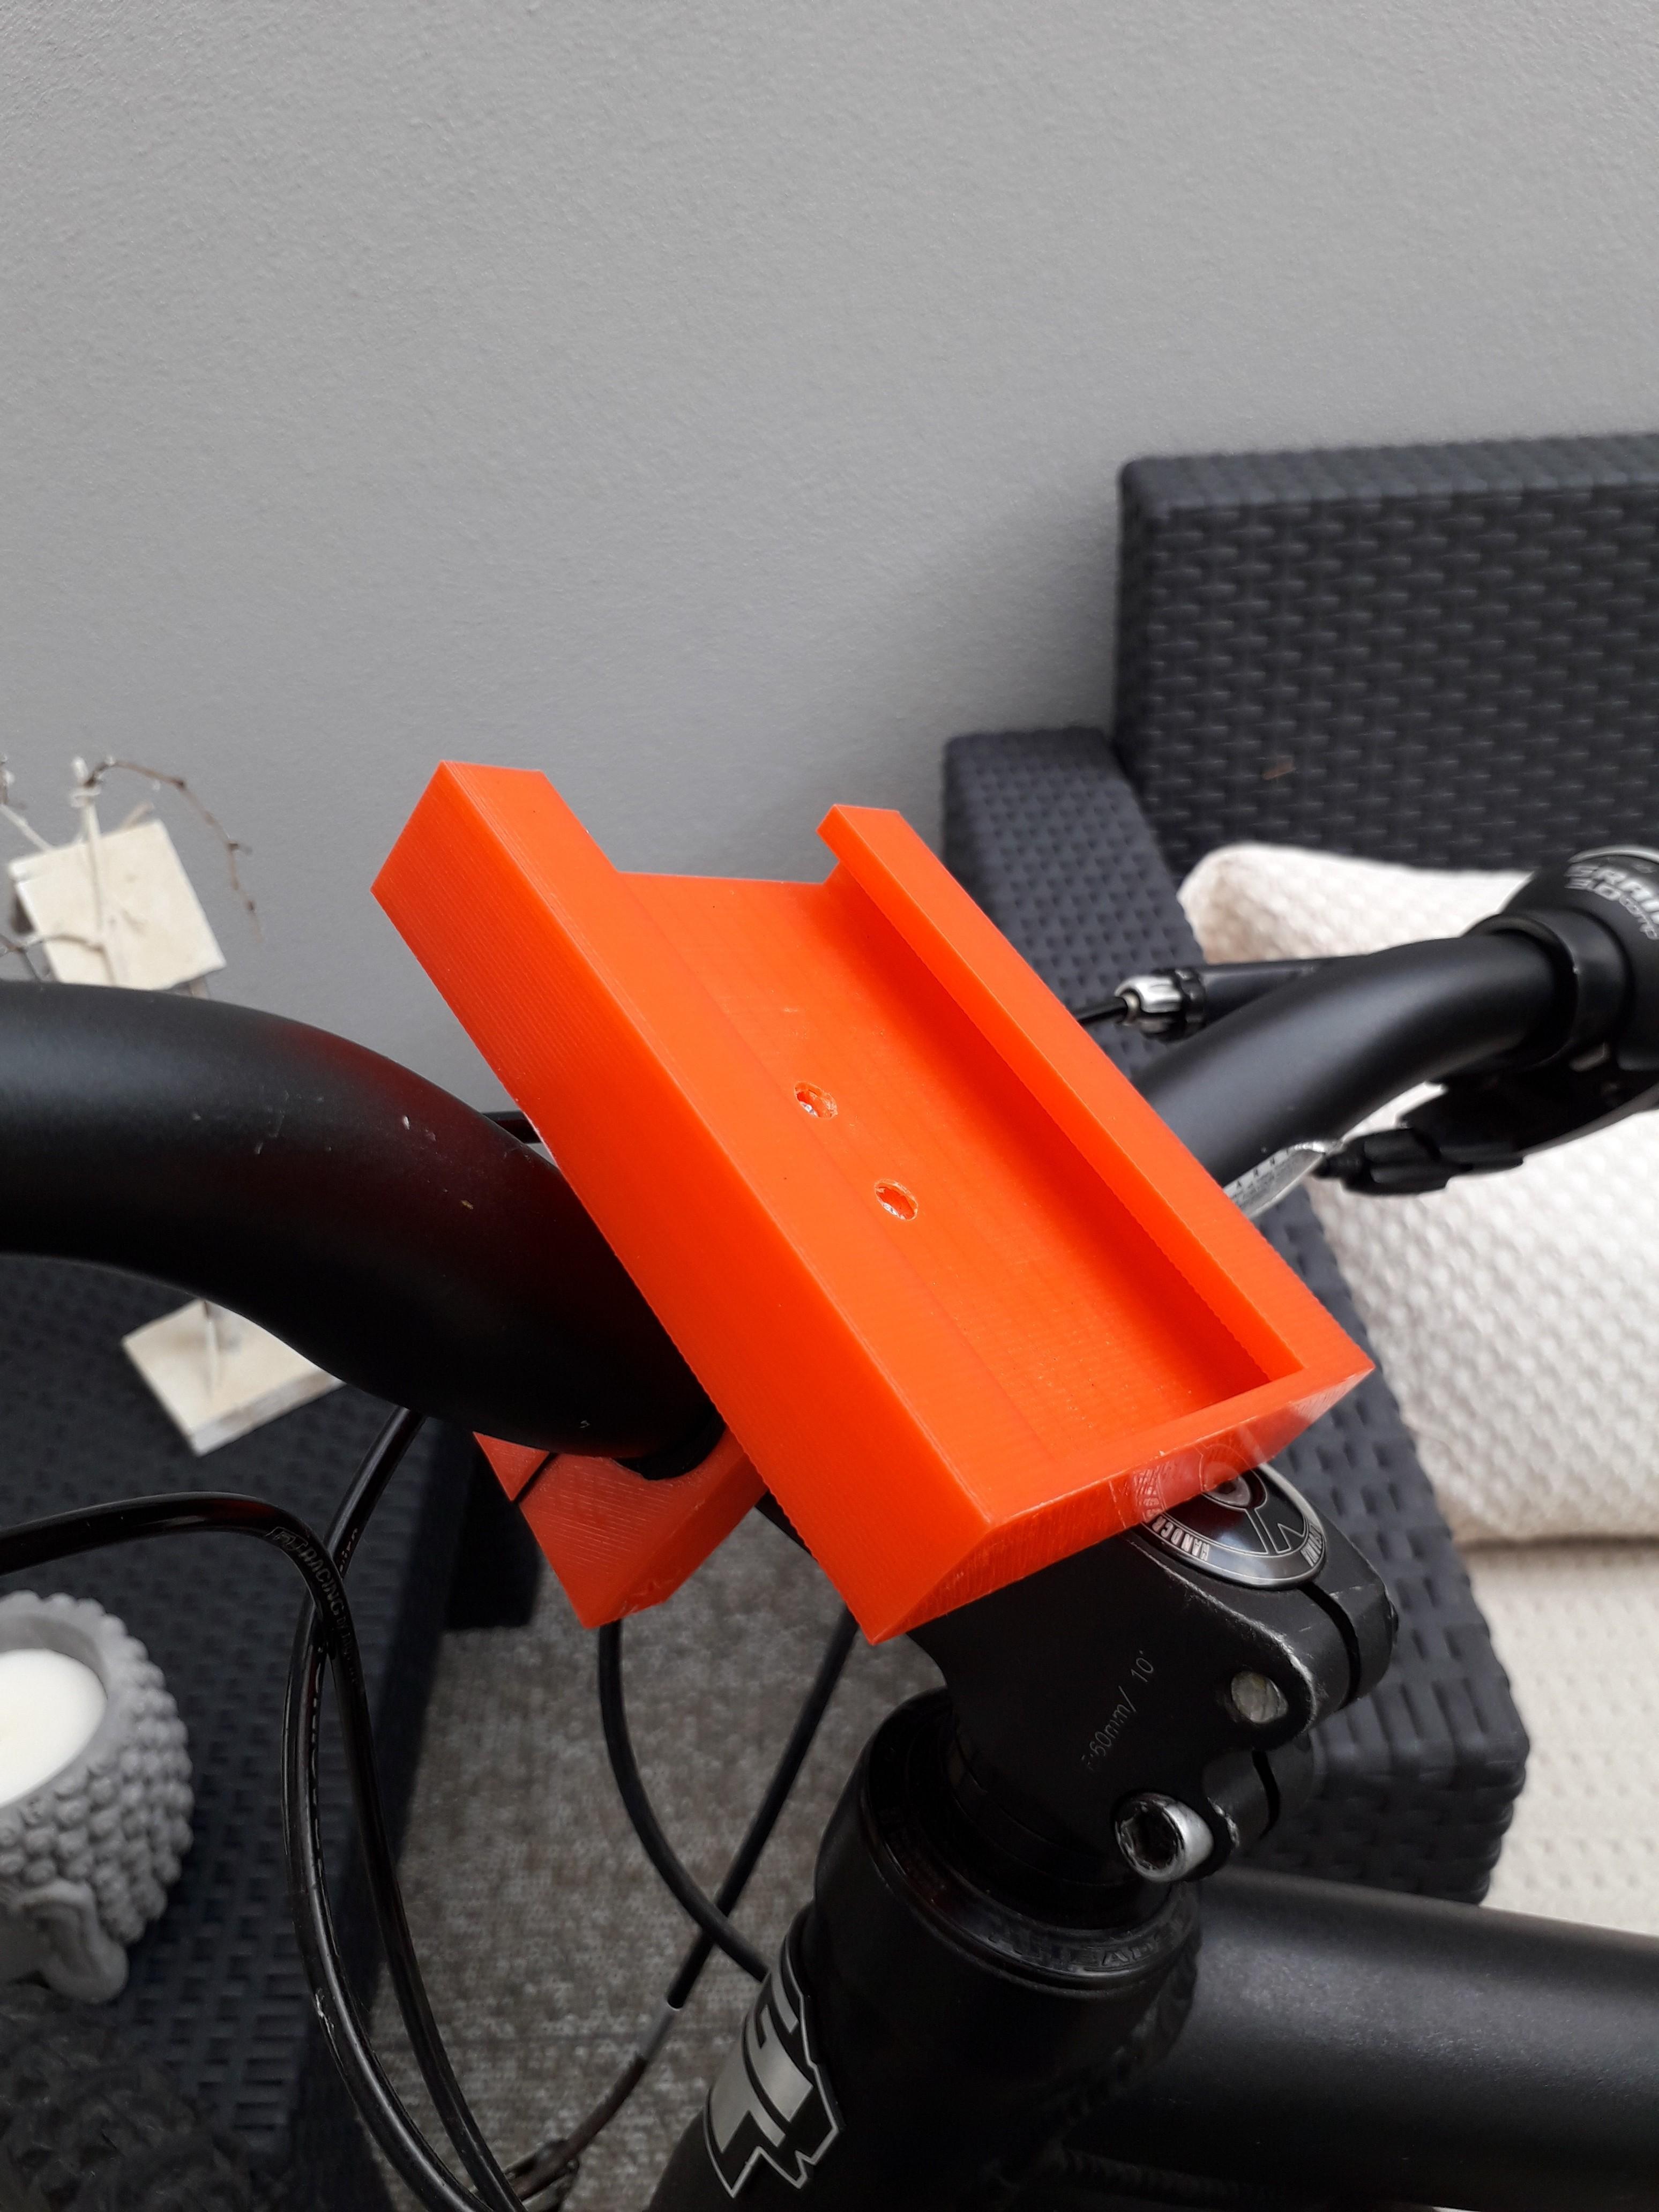 20180831_152302.jpg Download free STL file Stand Phone For Bike • 3D printing model, BrunoSilva